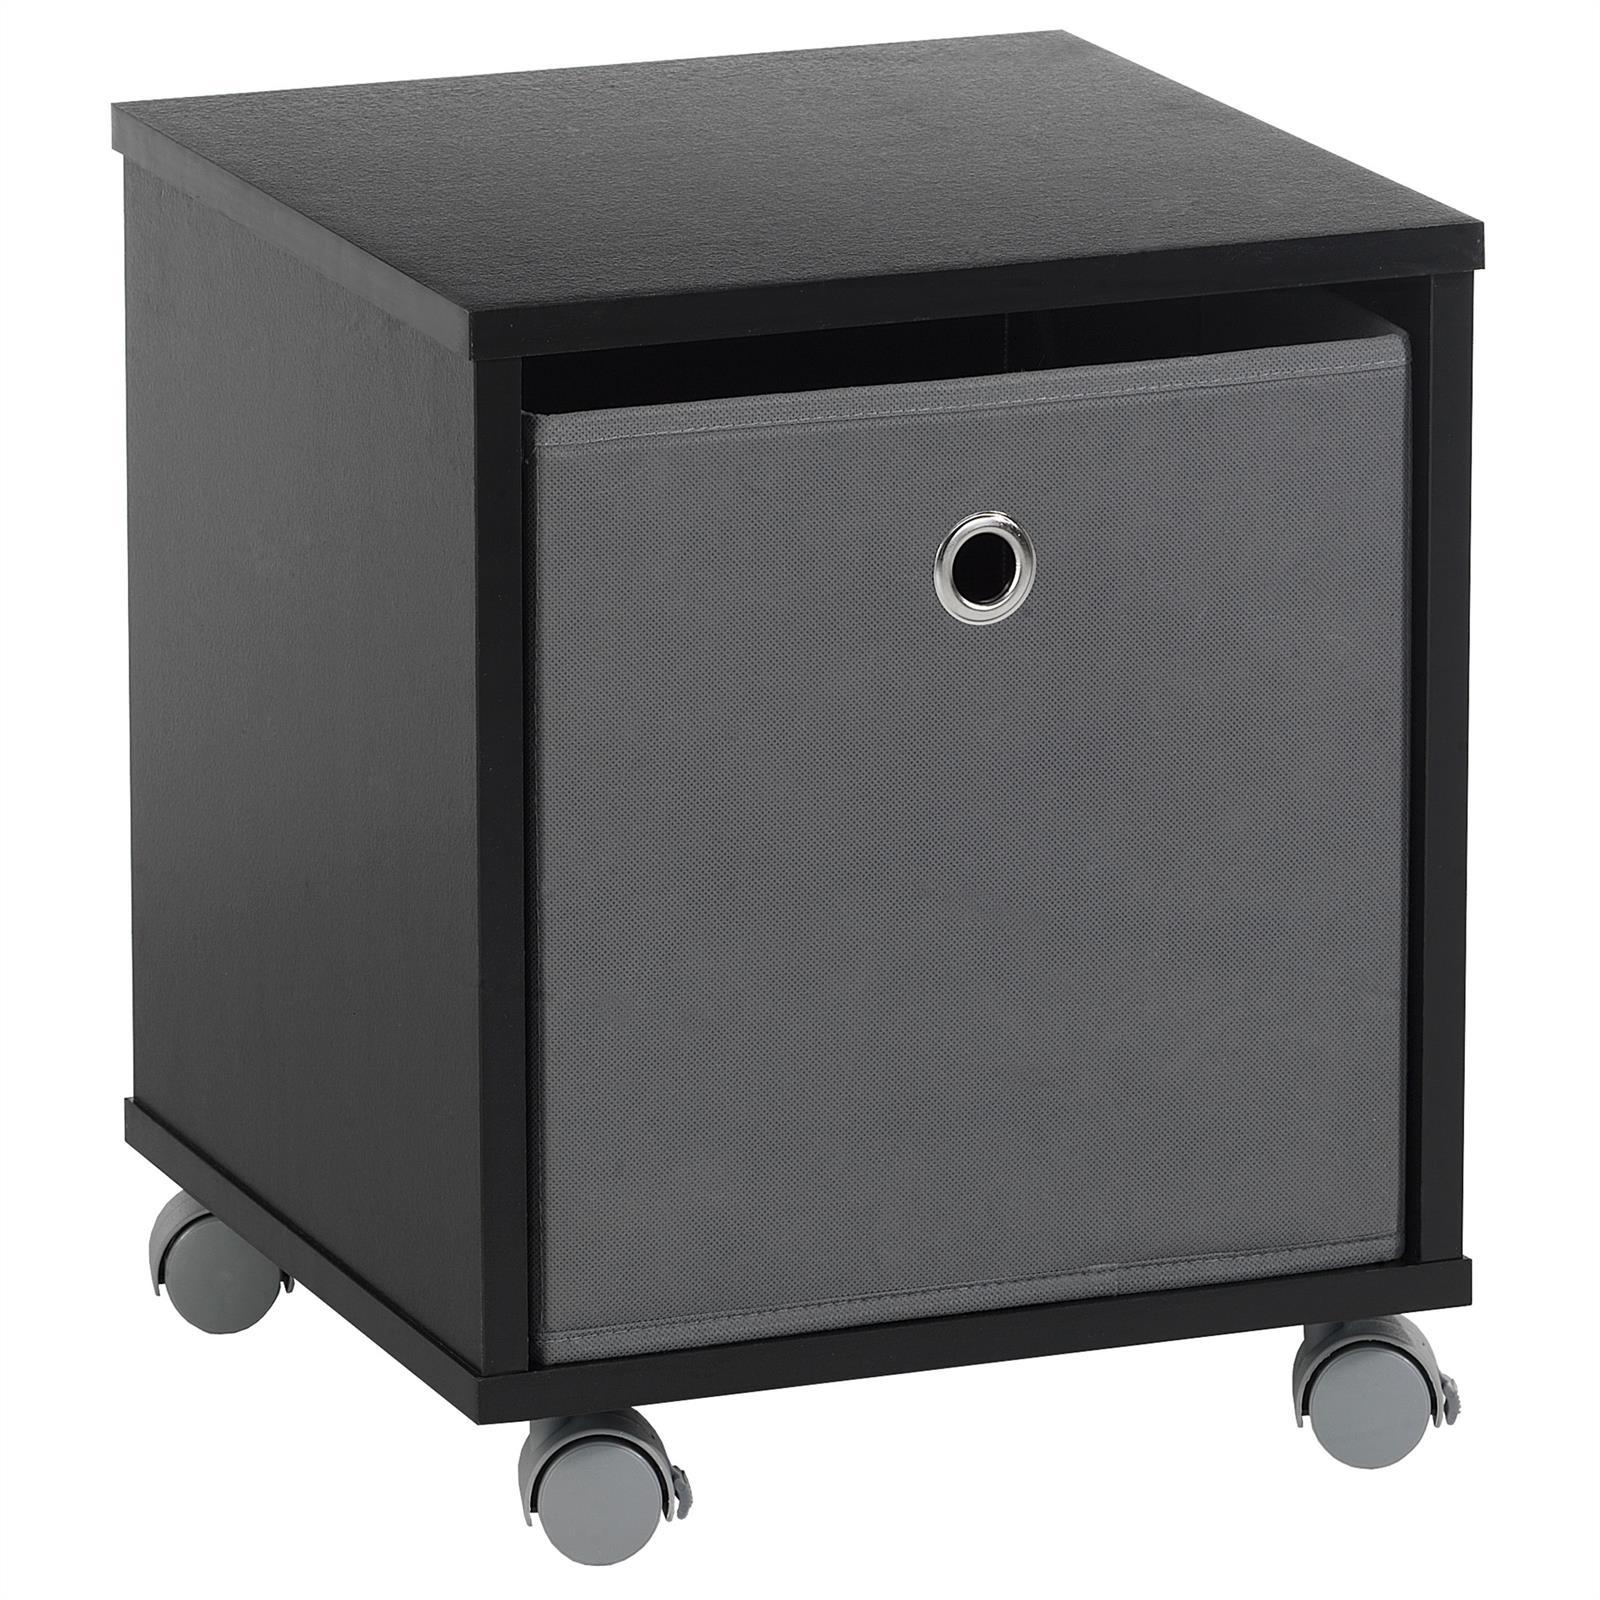 nachttisch kommode schrank rollcontainer m bel mit stoffbox auf rollen ebay. Black Bedroom Furniture Sets. Home Design Ideas